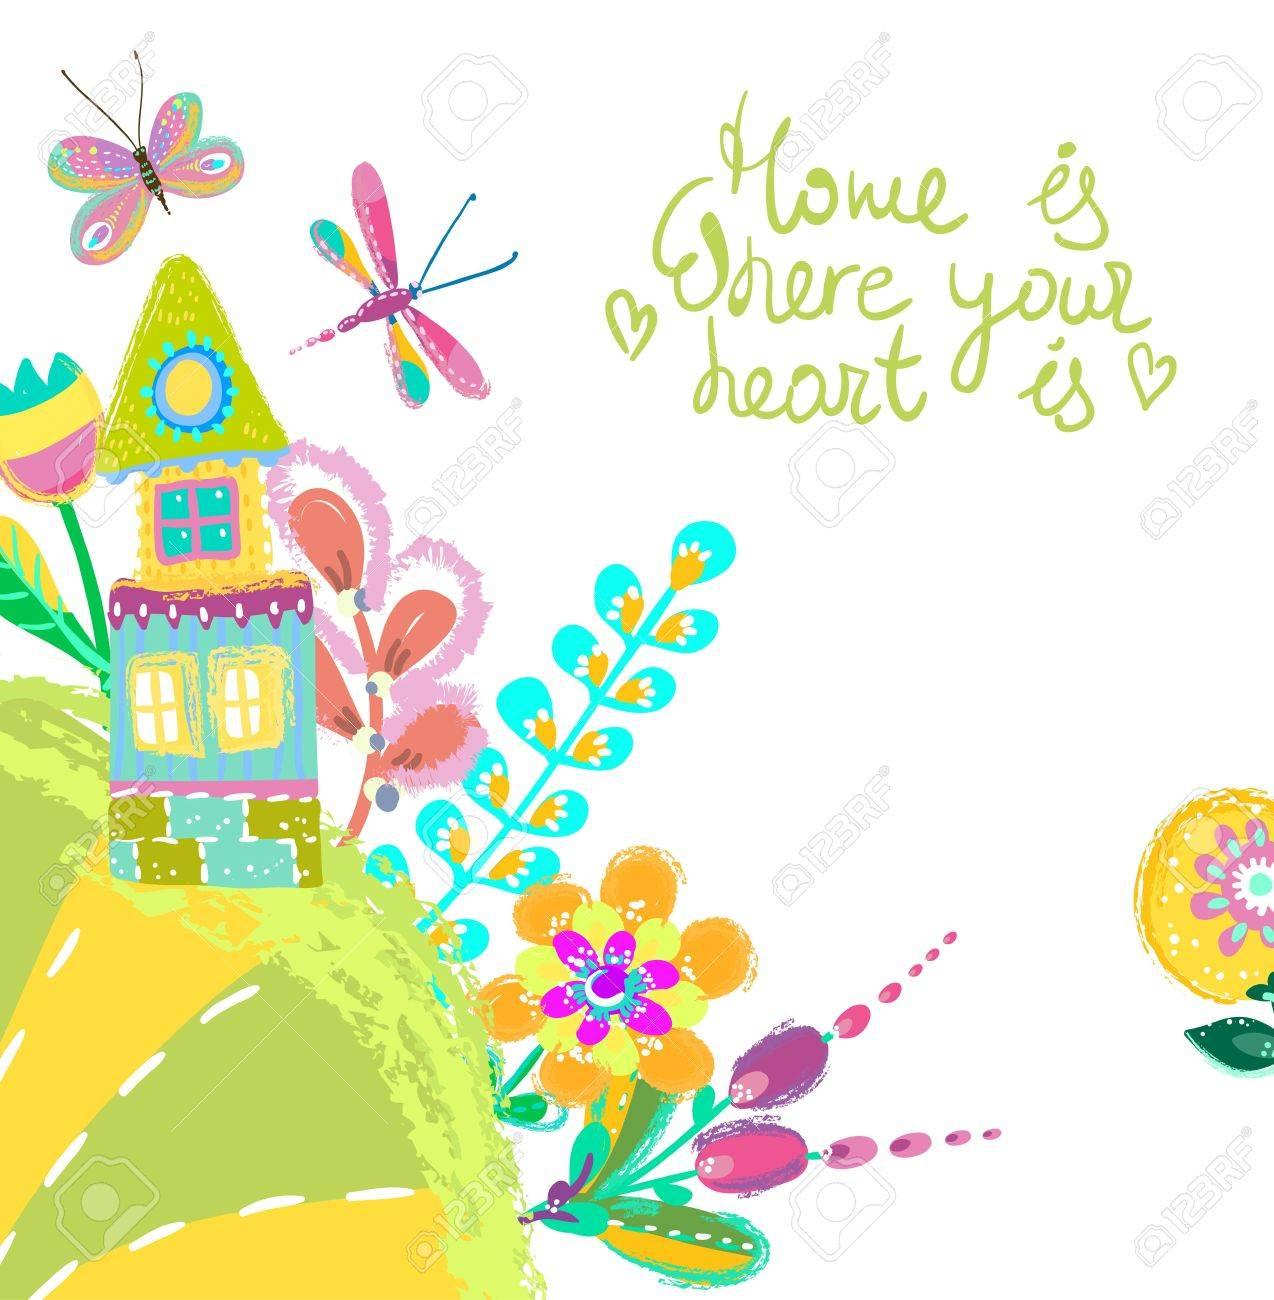 ホーム スイート ホームの図、住宅と花明るい背景。かわいいカラフルな